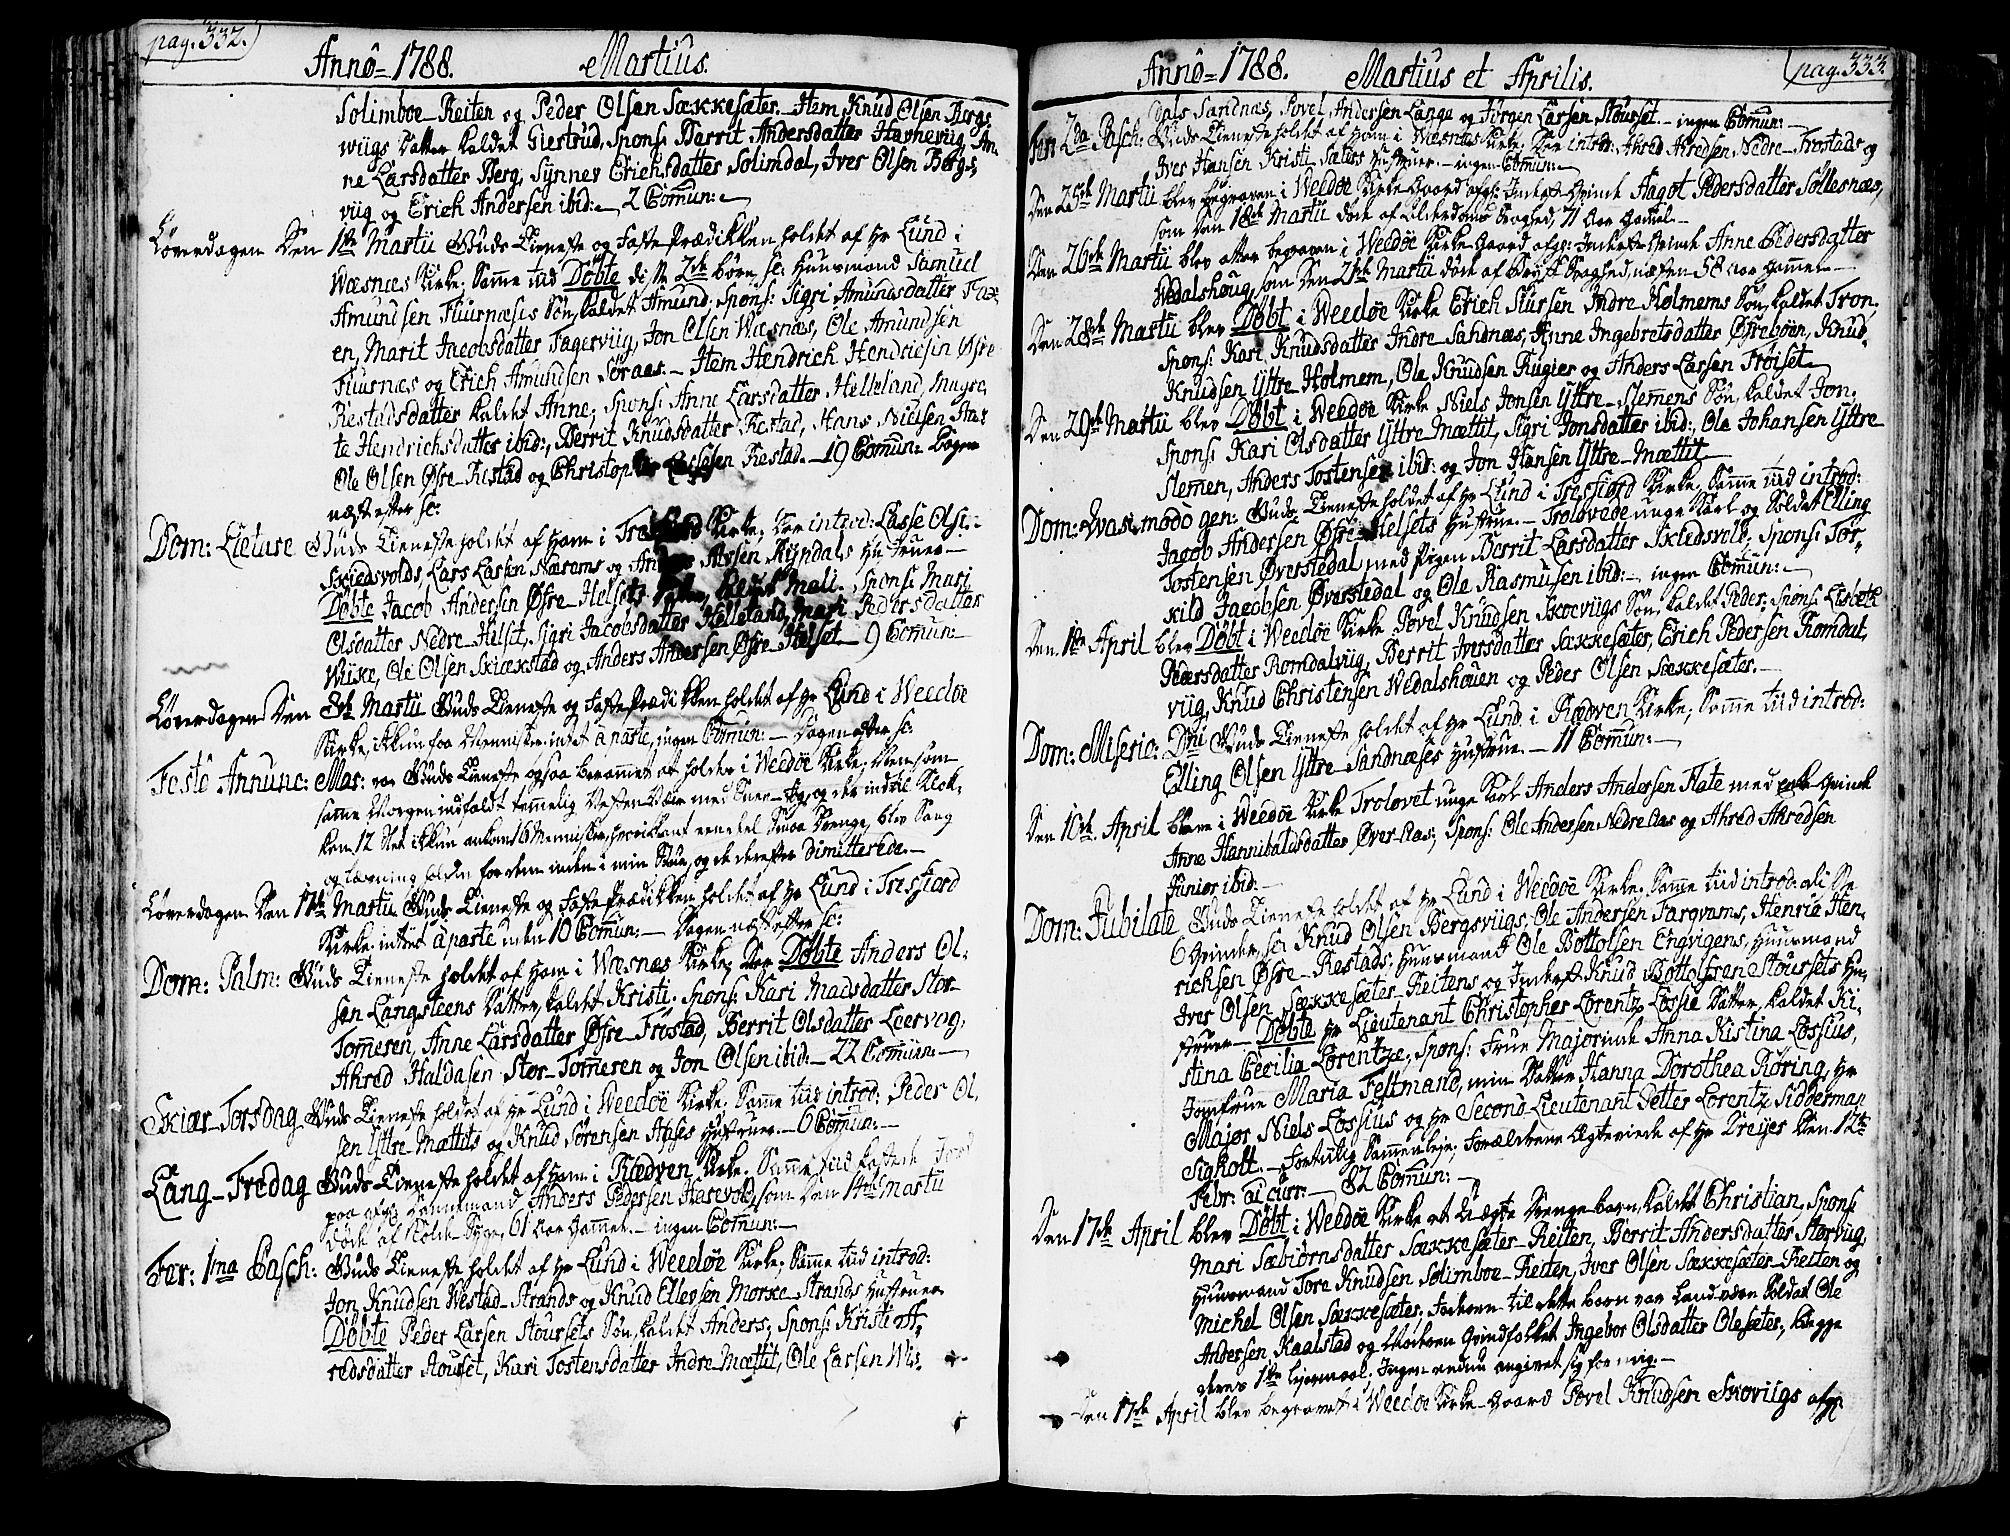 SAT, Ministerialprotokoller, klokkerbøker og fødselsregistre - Møre og Romsdal, 547/L0600: Ministerialbok nr. 547A02, 1765-1799, s. 332-333